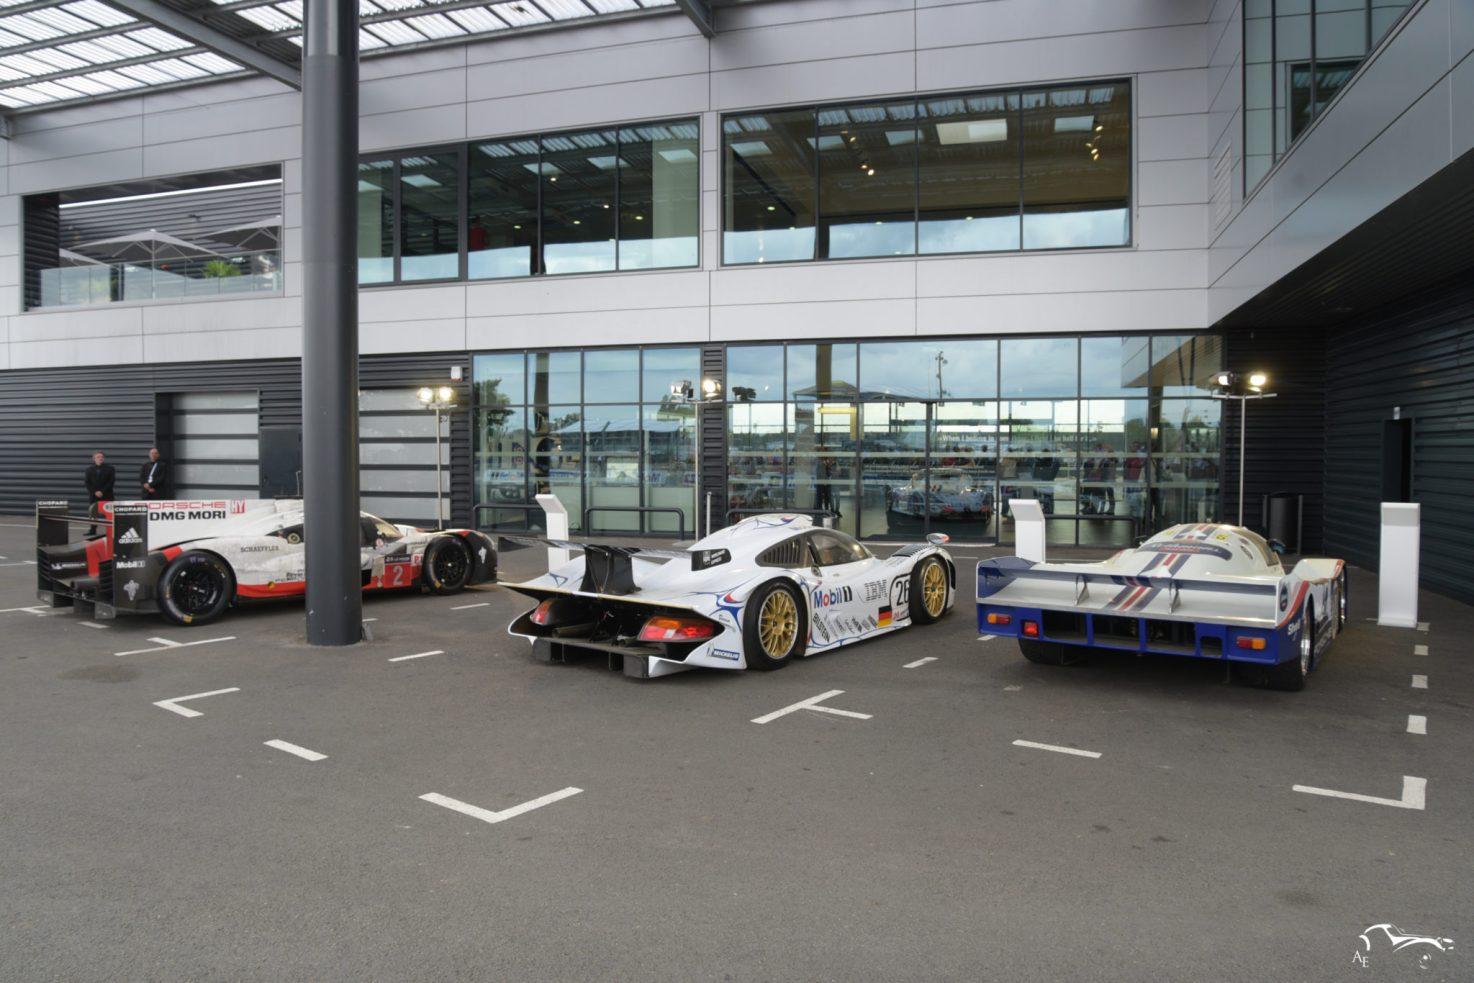 Porsche 919, 911 GT1, 956